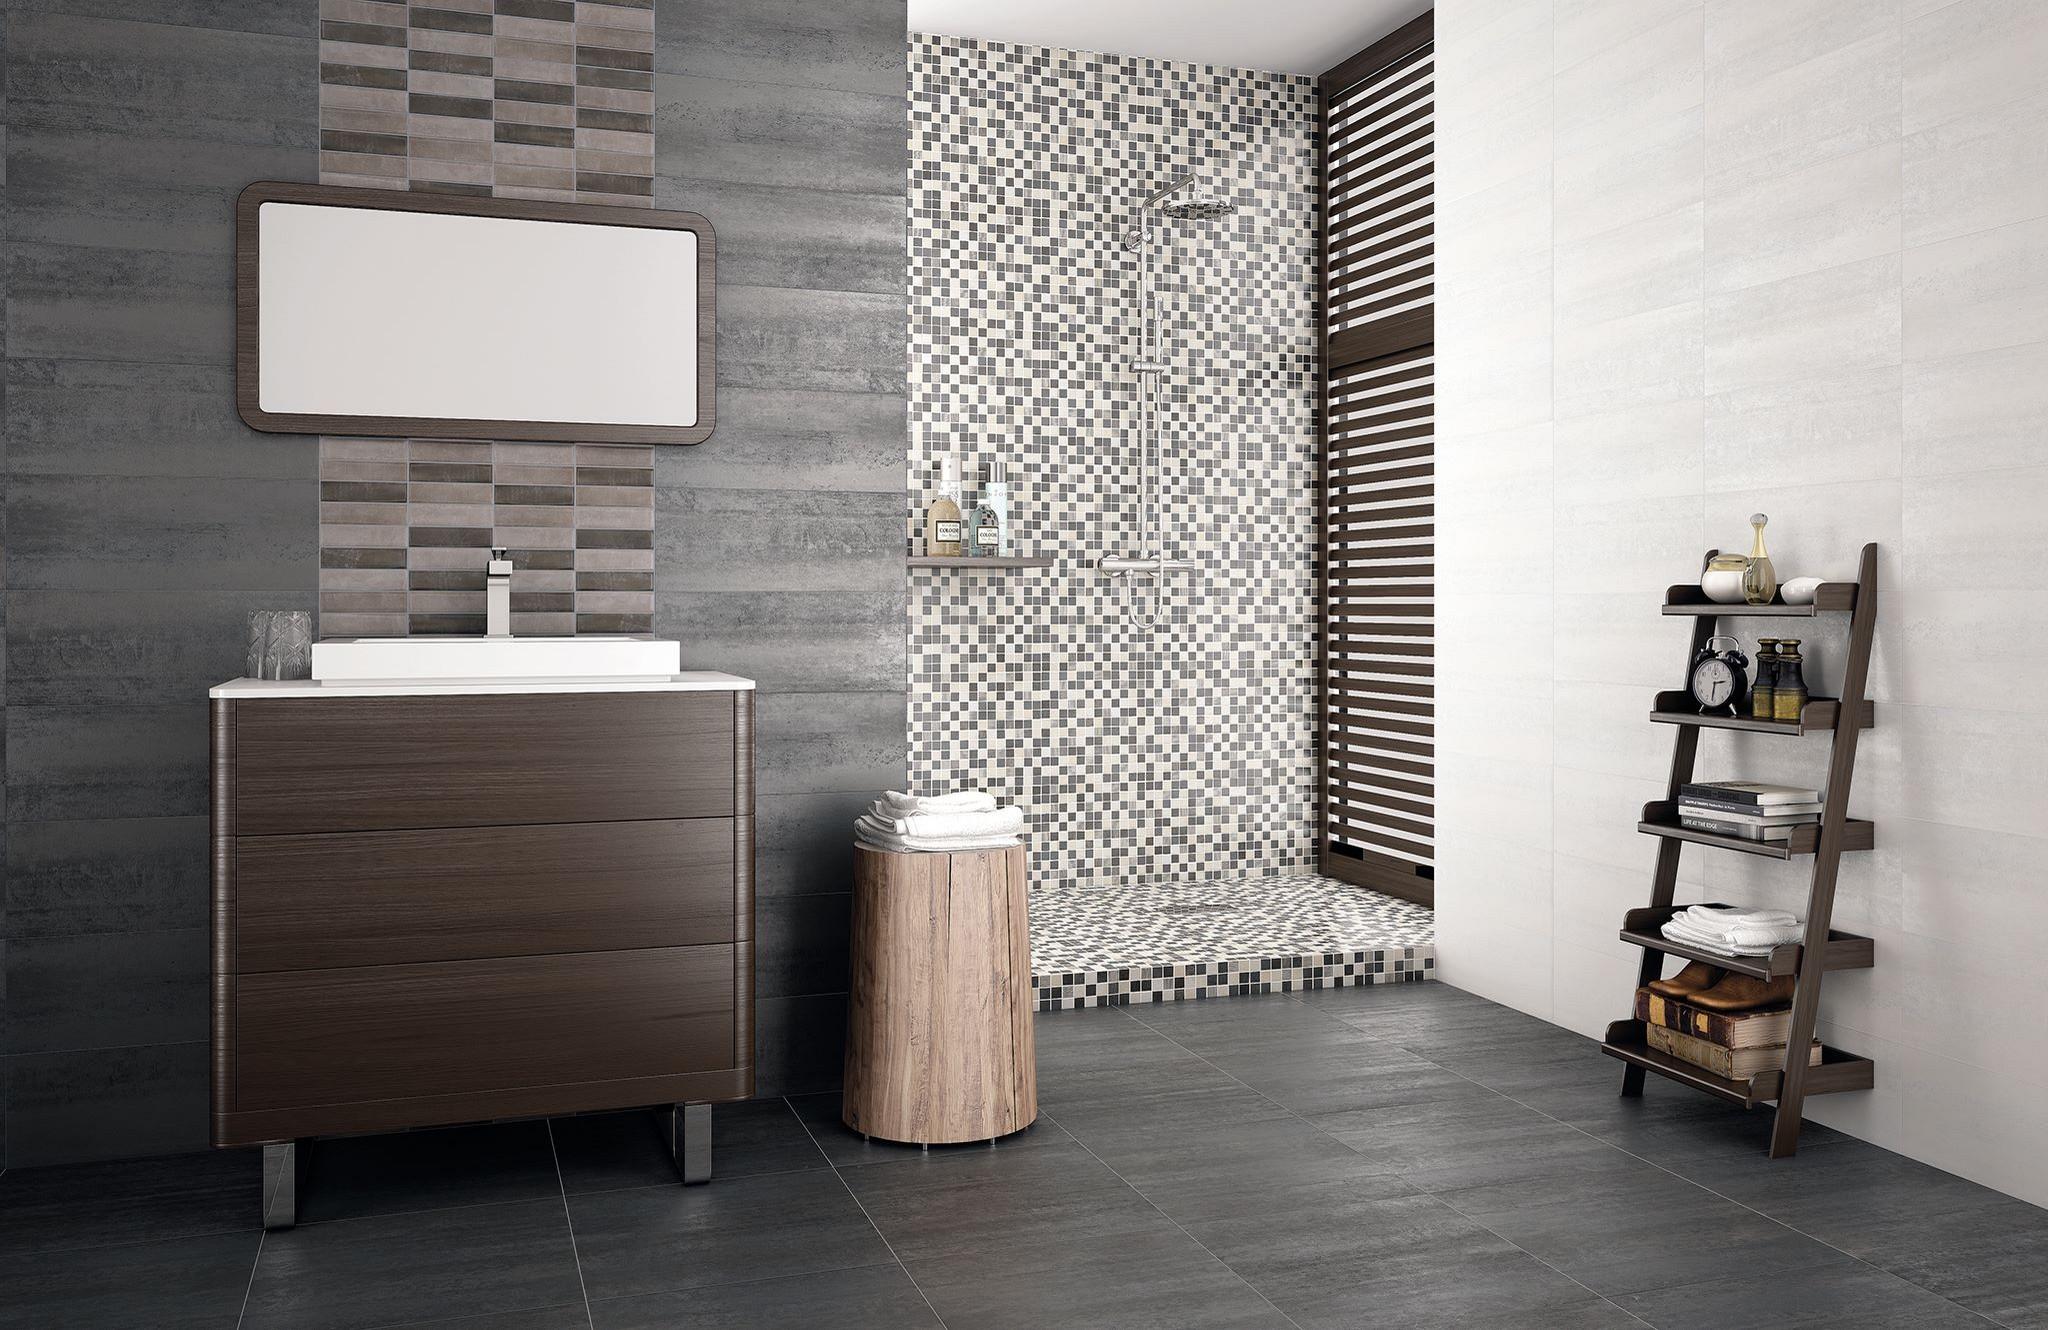 faience salle de bain cifre serie oxigeno 20x50 1 choix - Choix Carrelage Salle De Bain